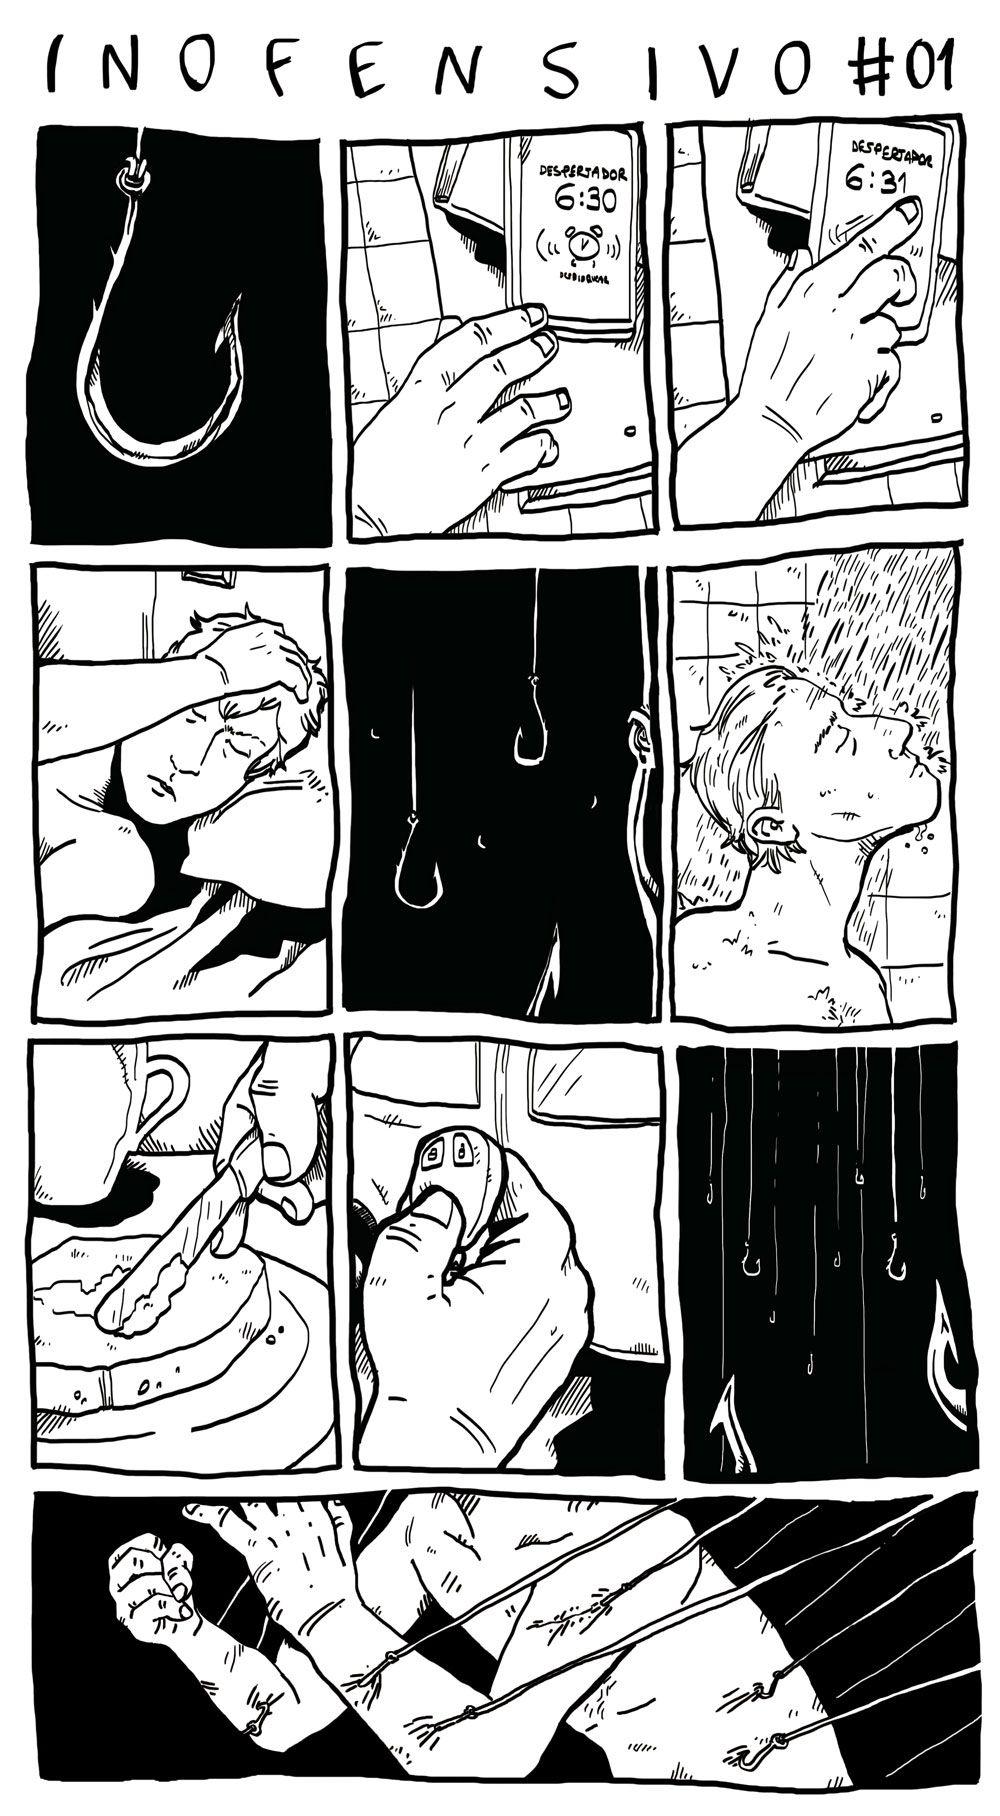 """história em quadrinho da série """"inofensivo""""pequenas reflexões sobre o cotidiano"""